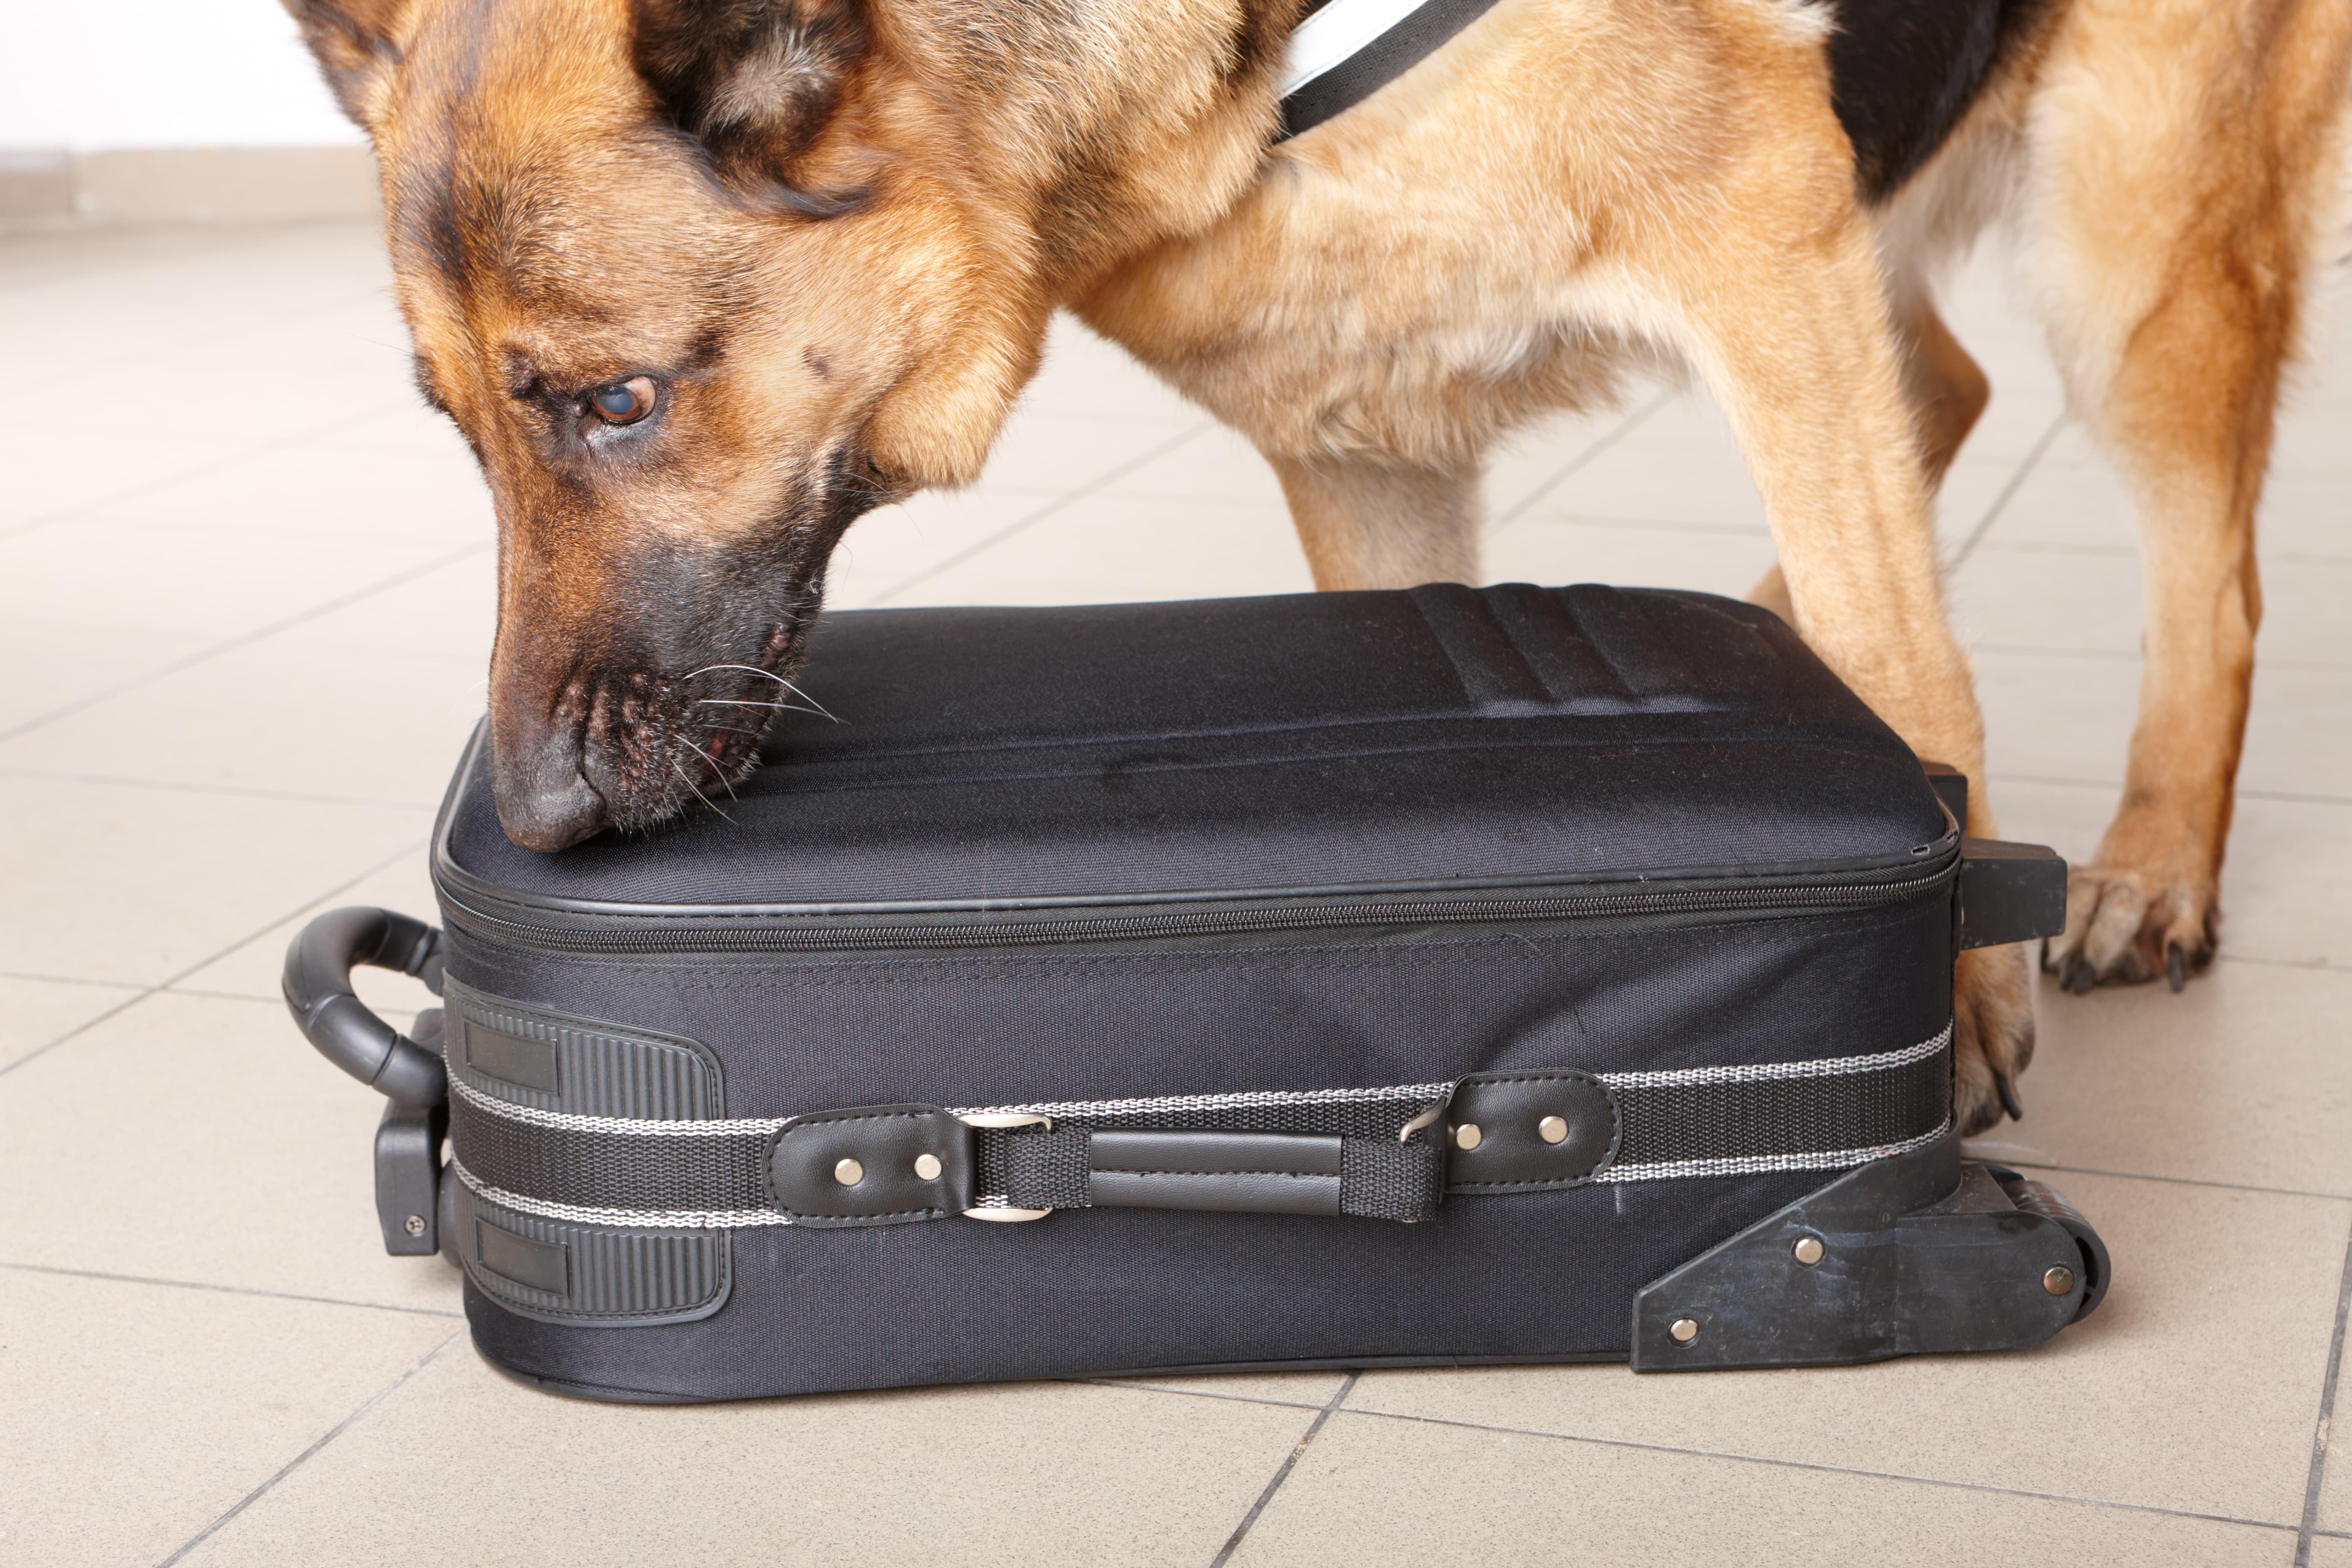 Datenspeicher-Spürhund